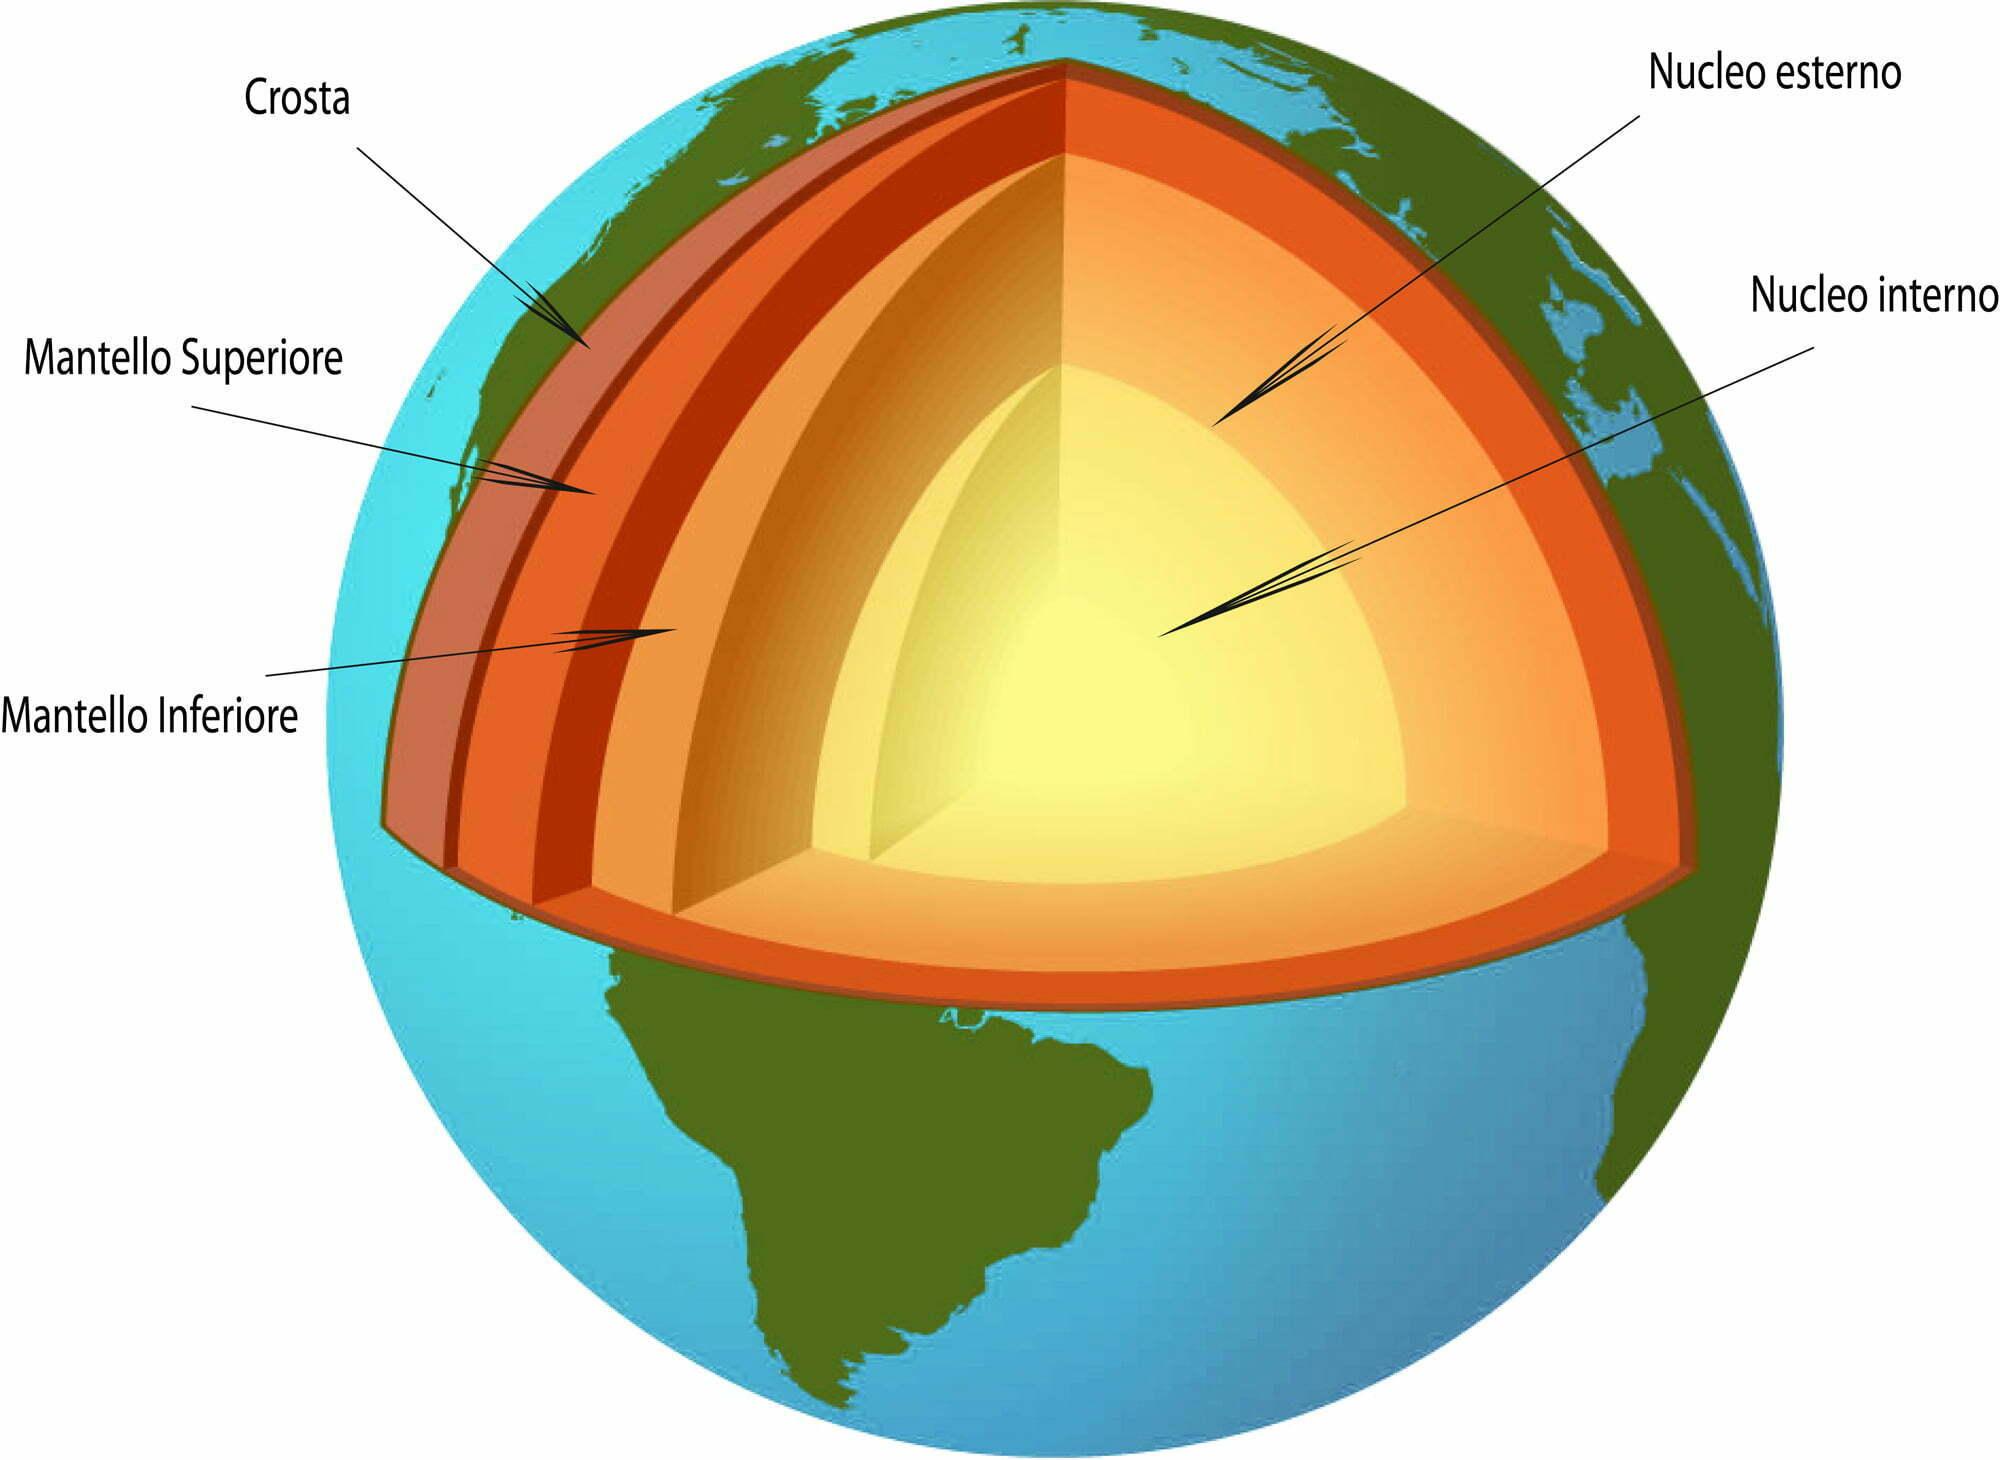 Cintura di fuoco incremento dell 39 attivit geologica o for Hd esterno non rilevato